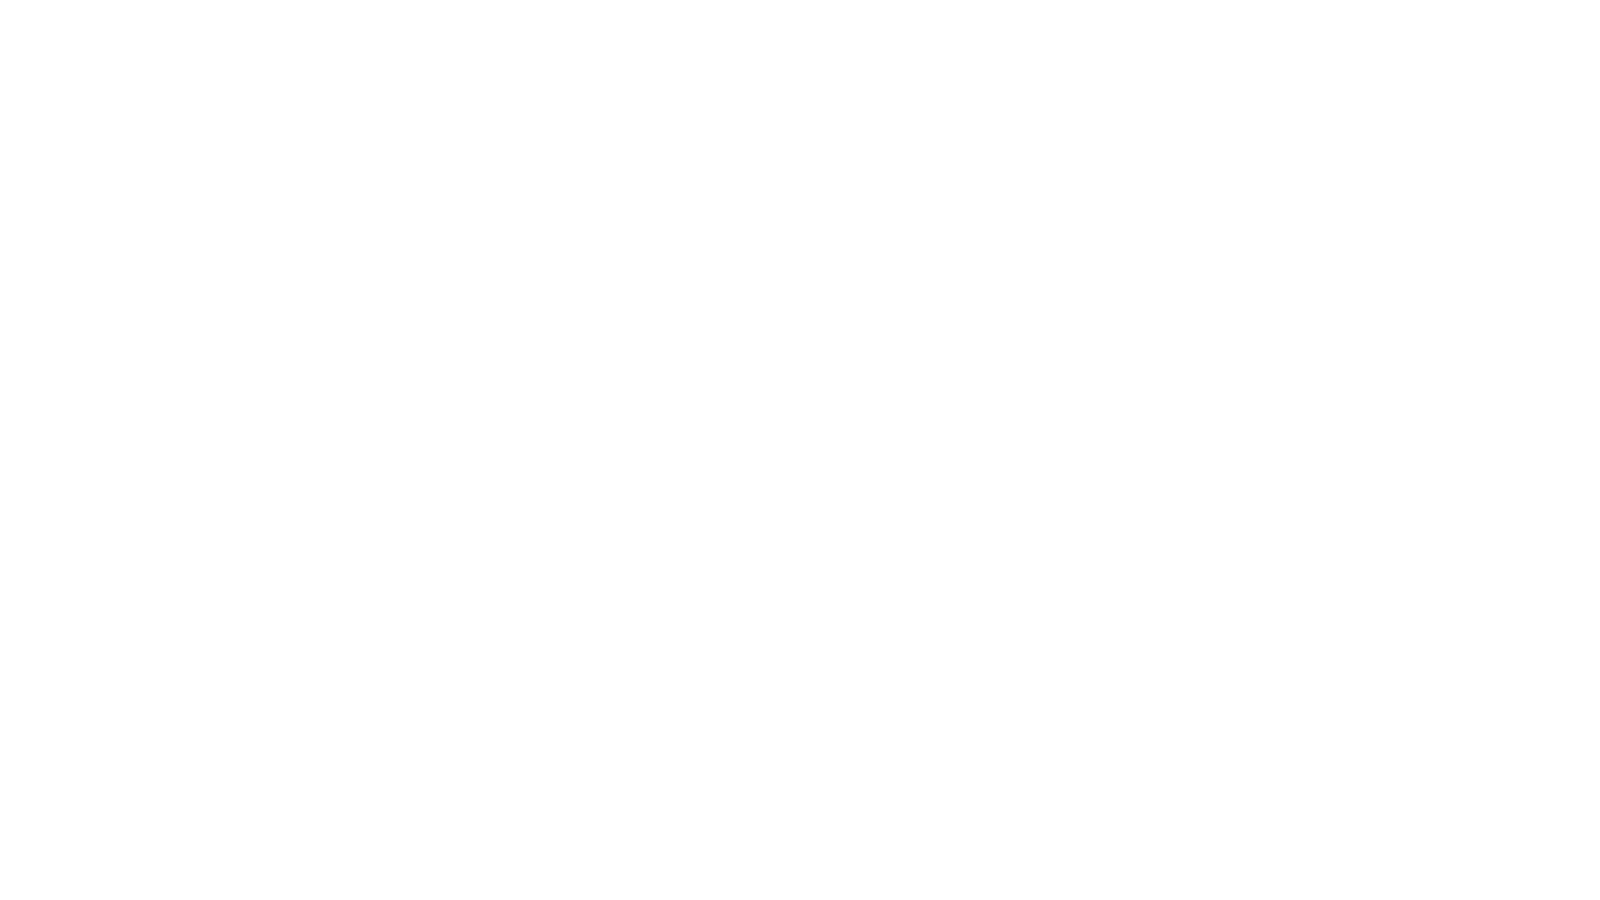 O objetivo desta palestra é apresentar aos participantes a fórmula do sucesso das vendas que foi criada pelo autor durante sua trajetória profissional e que tem dado excelentes resultados para as empresas que a utilizaram. Através desta palestra o participante estará apto a fechar mais vendas, conquistar novos clientes e fidelizar os existentes